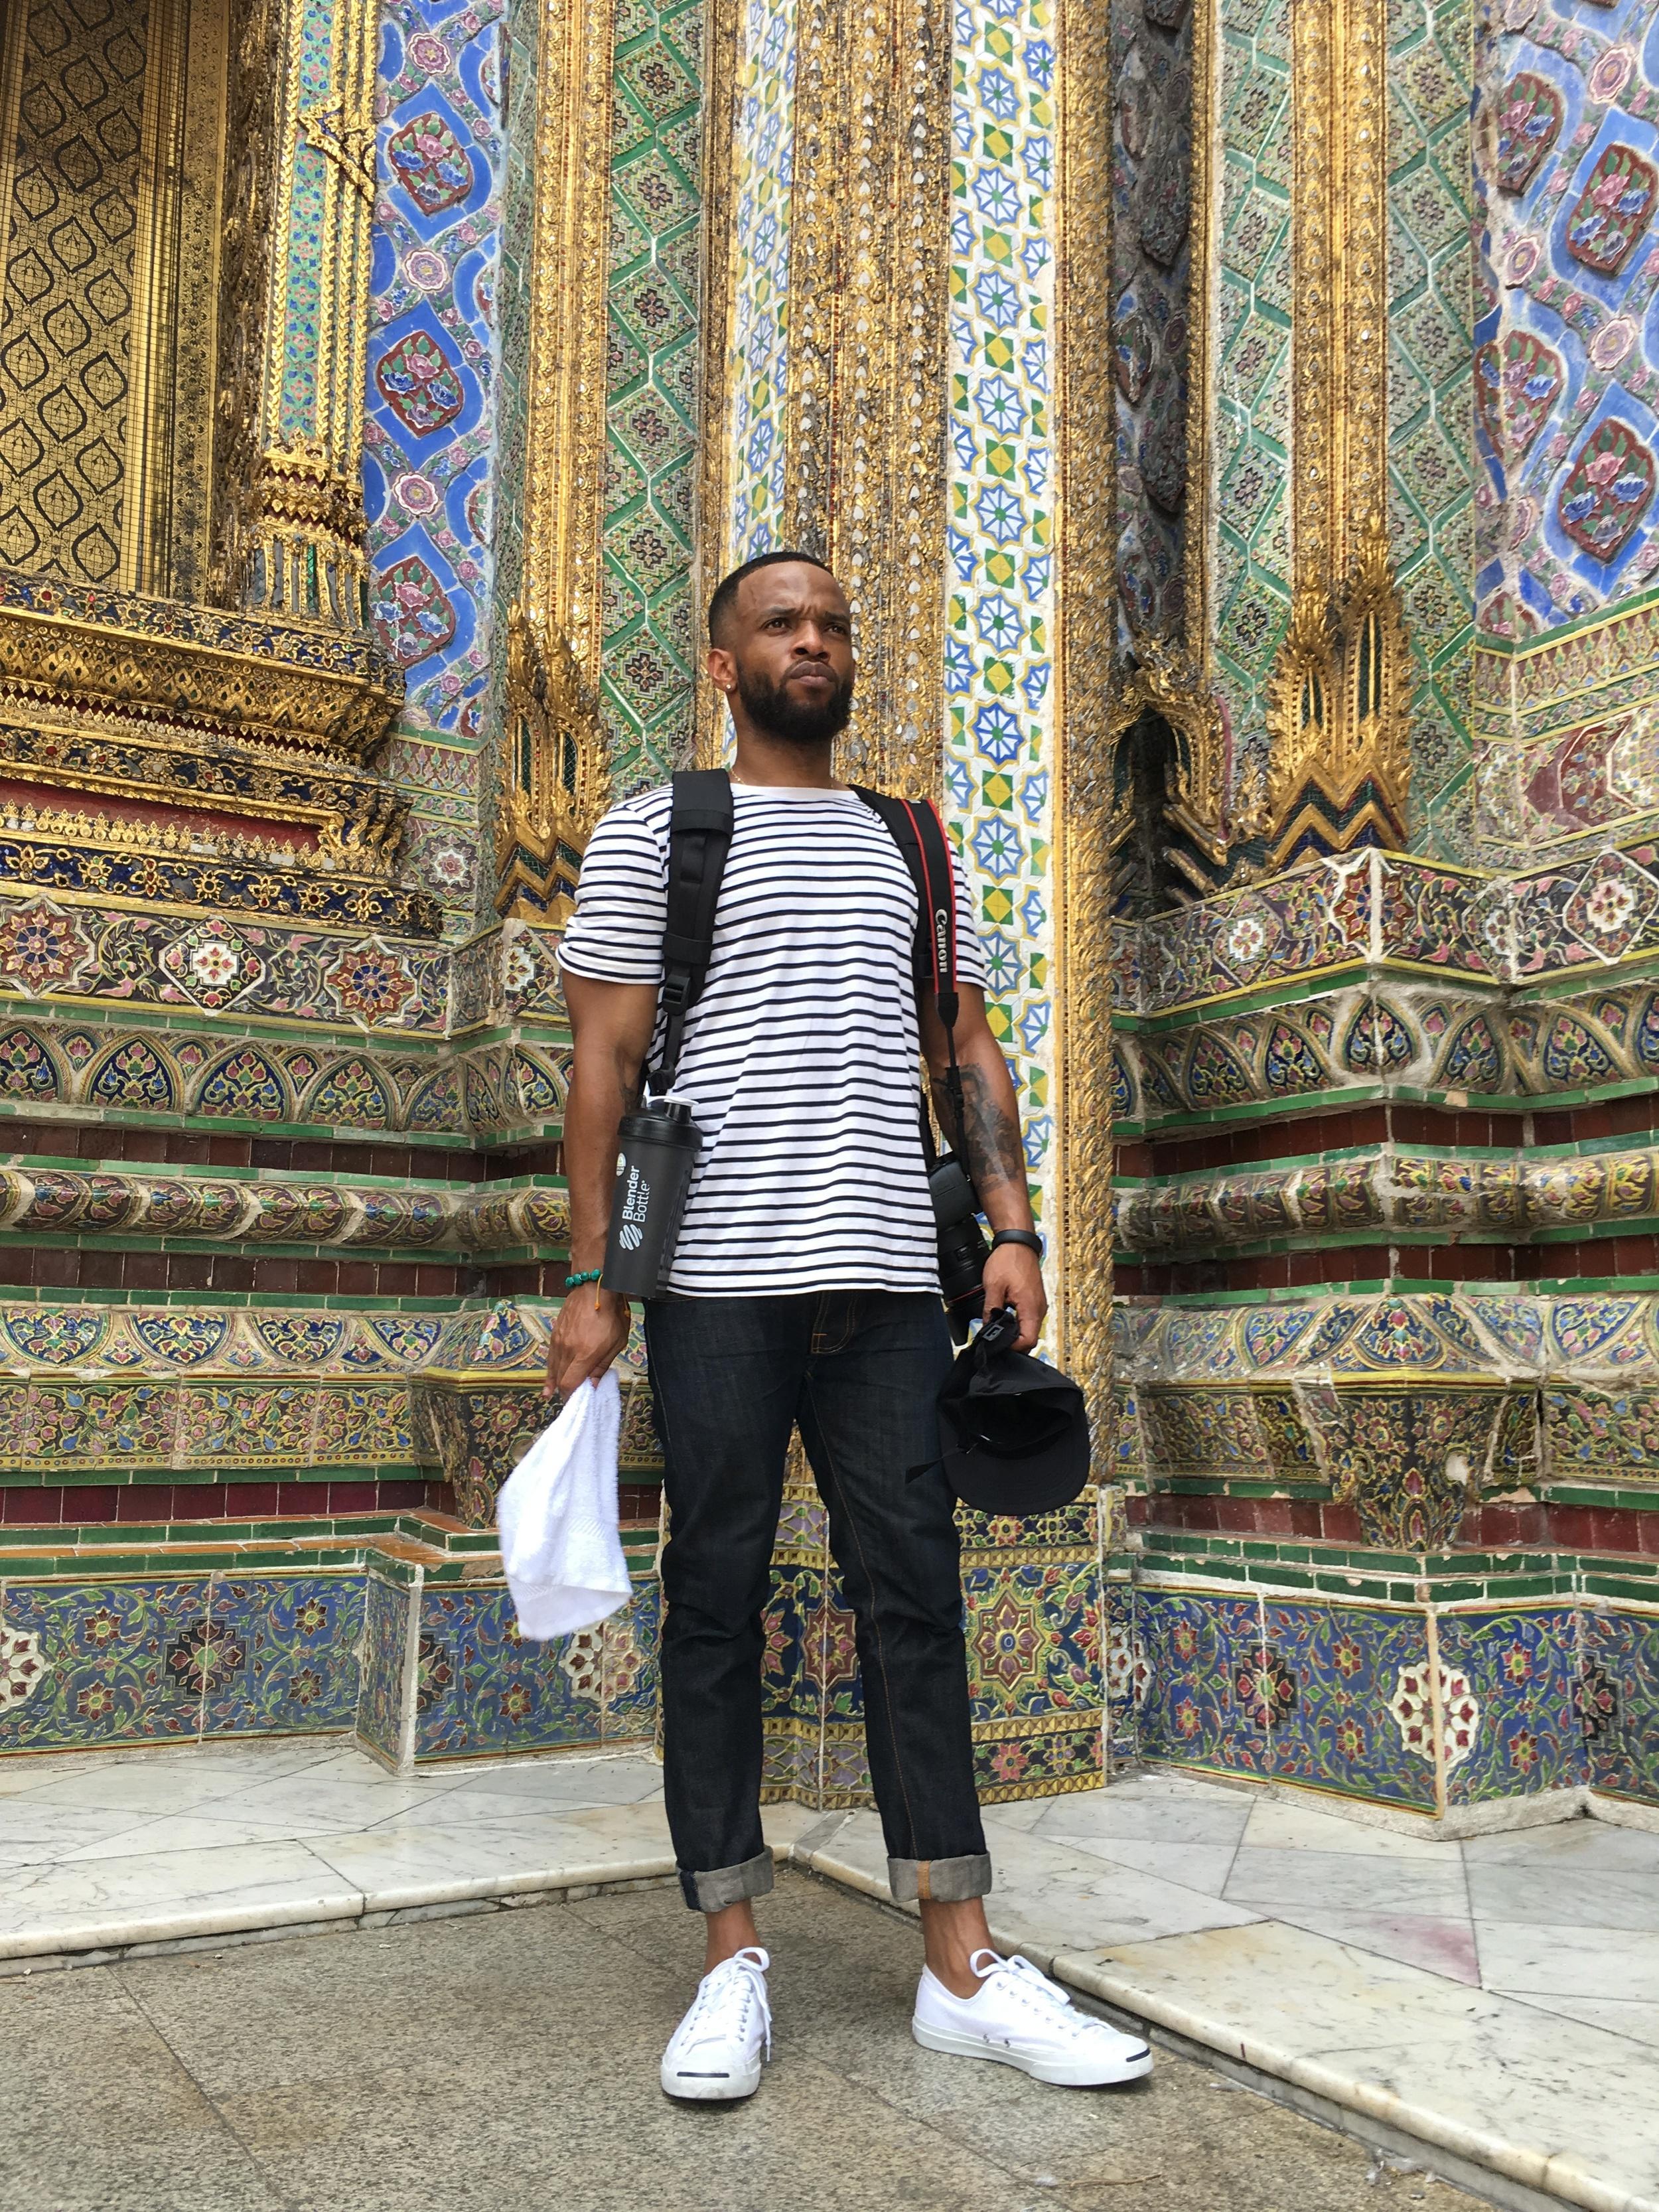 At the Grand Palace.